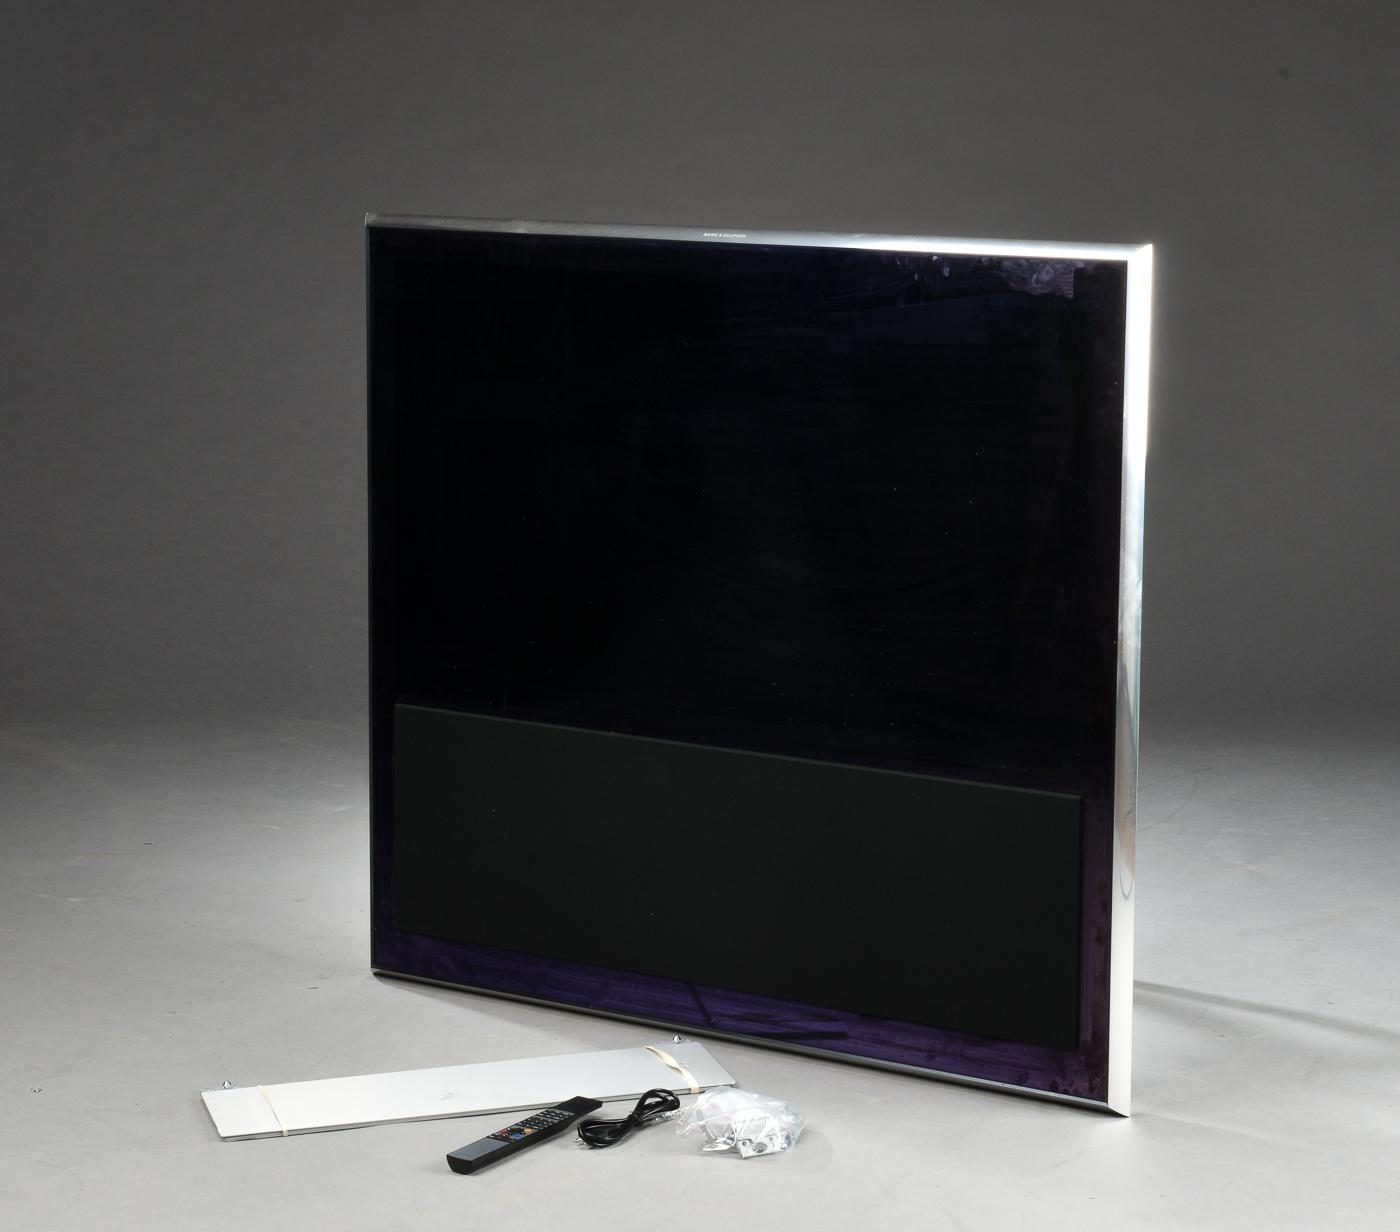 Bang & Olufsen. BeoViosion 10-46 samt Beo4 fjernbetjening - Bang & Olufsen. BeoVision 10-46, fladskærms TV med HDMI indgange. Vægbeslag, Beo4 fjernbetjening og ledning medfølger. Efterset på autoriseret B&O, seks måneders garantibevis medfølger. Lauritz.com indestår ikke for funktionaliteten